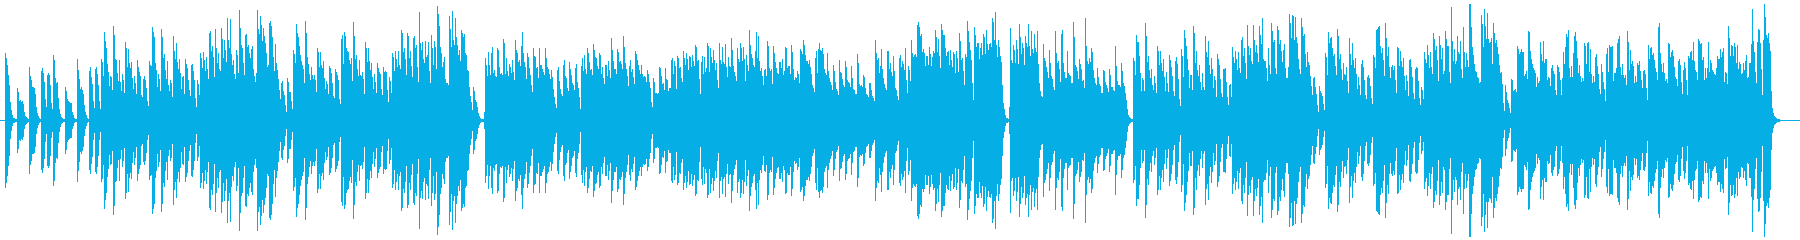 曲の途中でパワーアップするRagの再生済みの波形